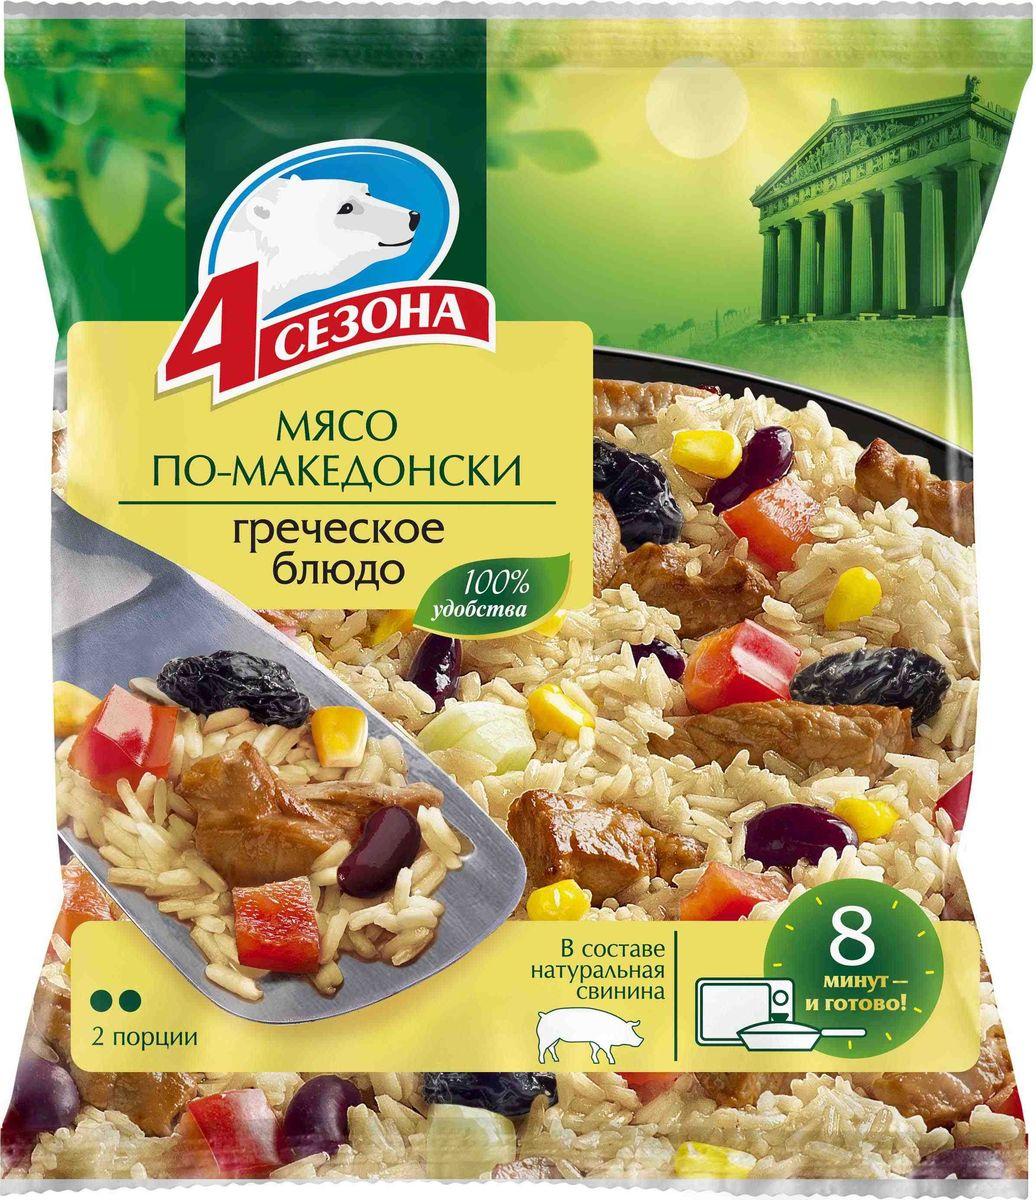 4 Сезона Мясо по-македонски, 600 г63000206Продукт сбалансирован и полностью готов к употреблению. Не размораживая, готовится 8-10 мин на сковороде или в микроволновой печи.